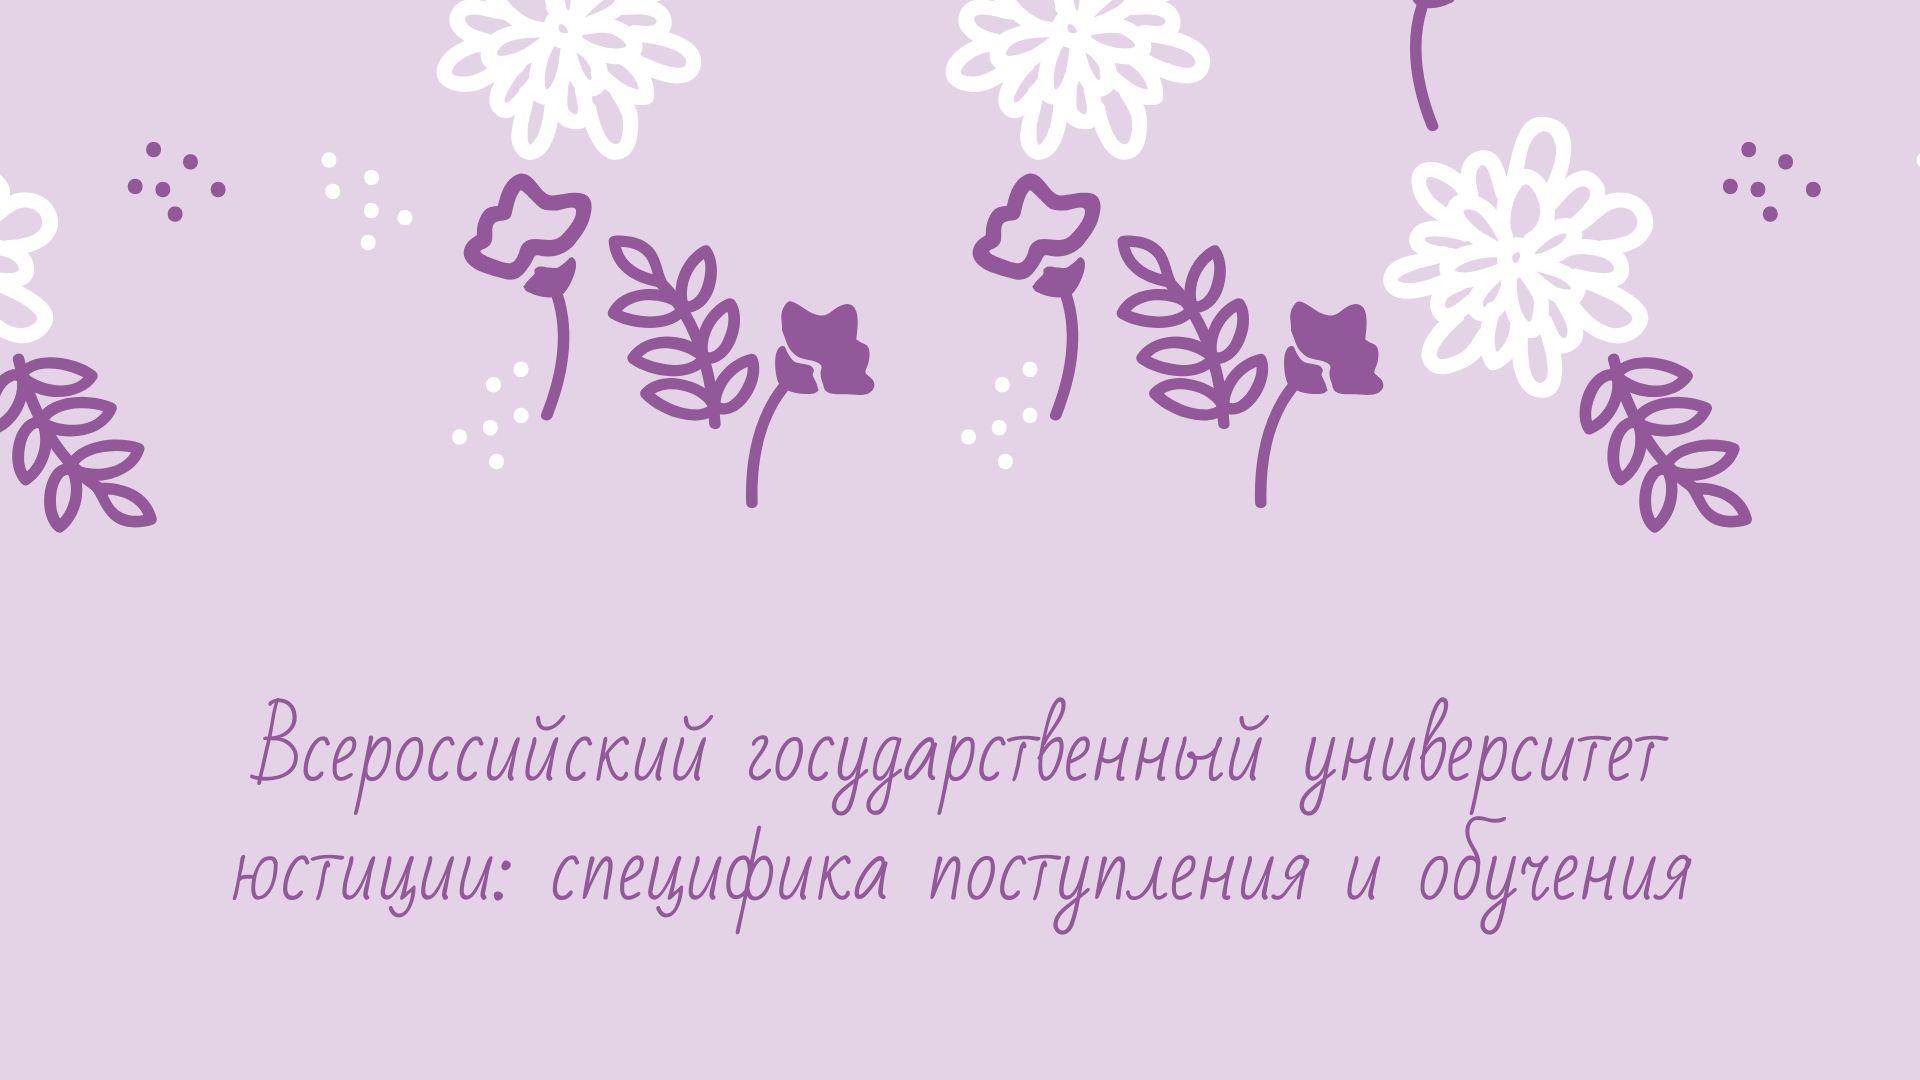 Всероссийский государственный университет юстиции: специфика поступления и обучения